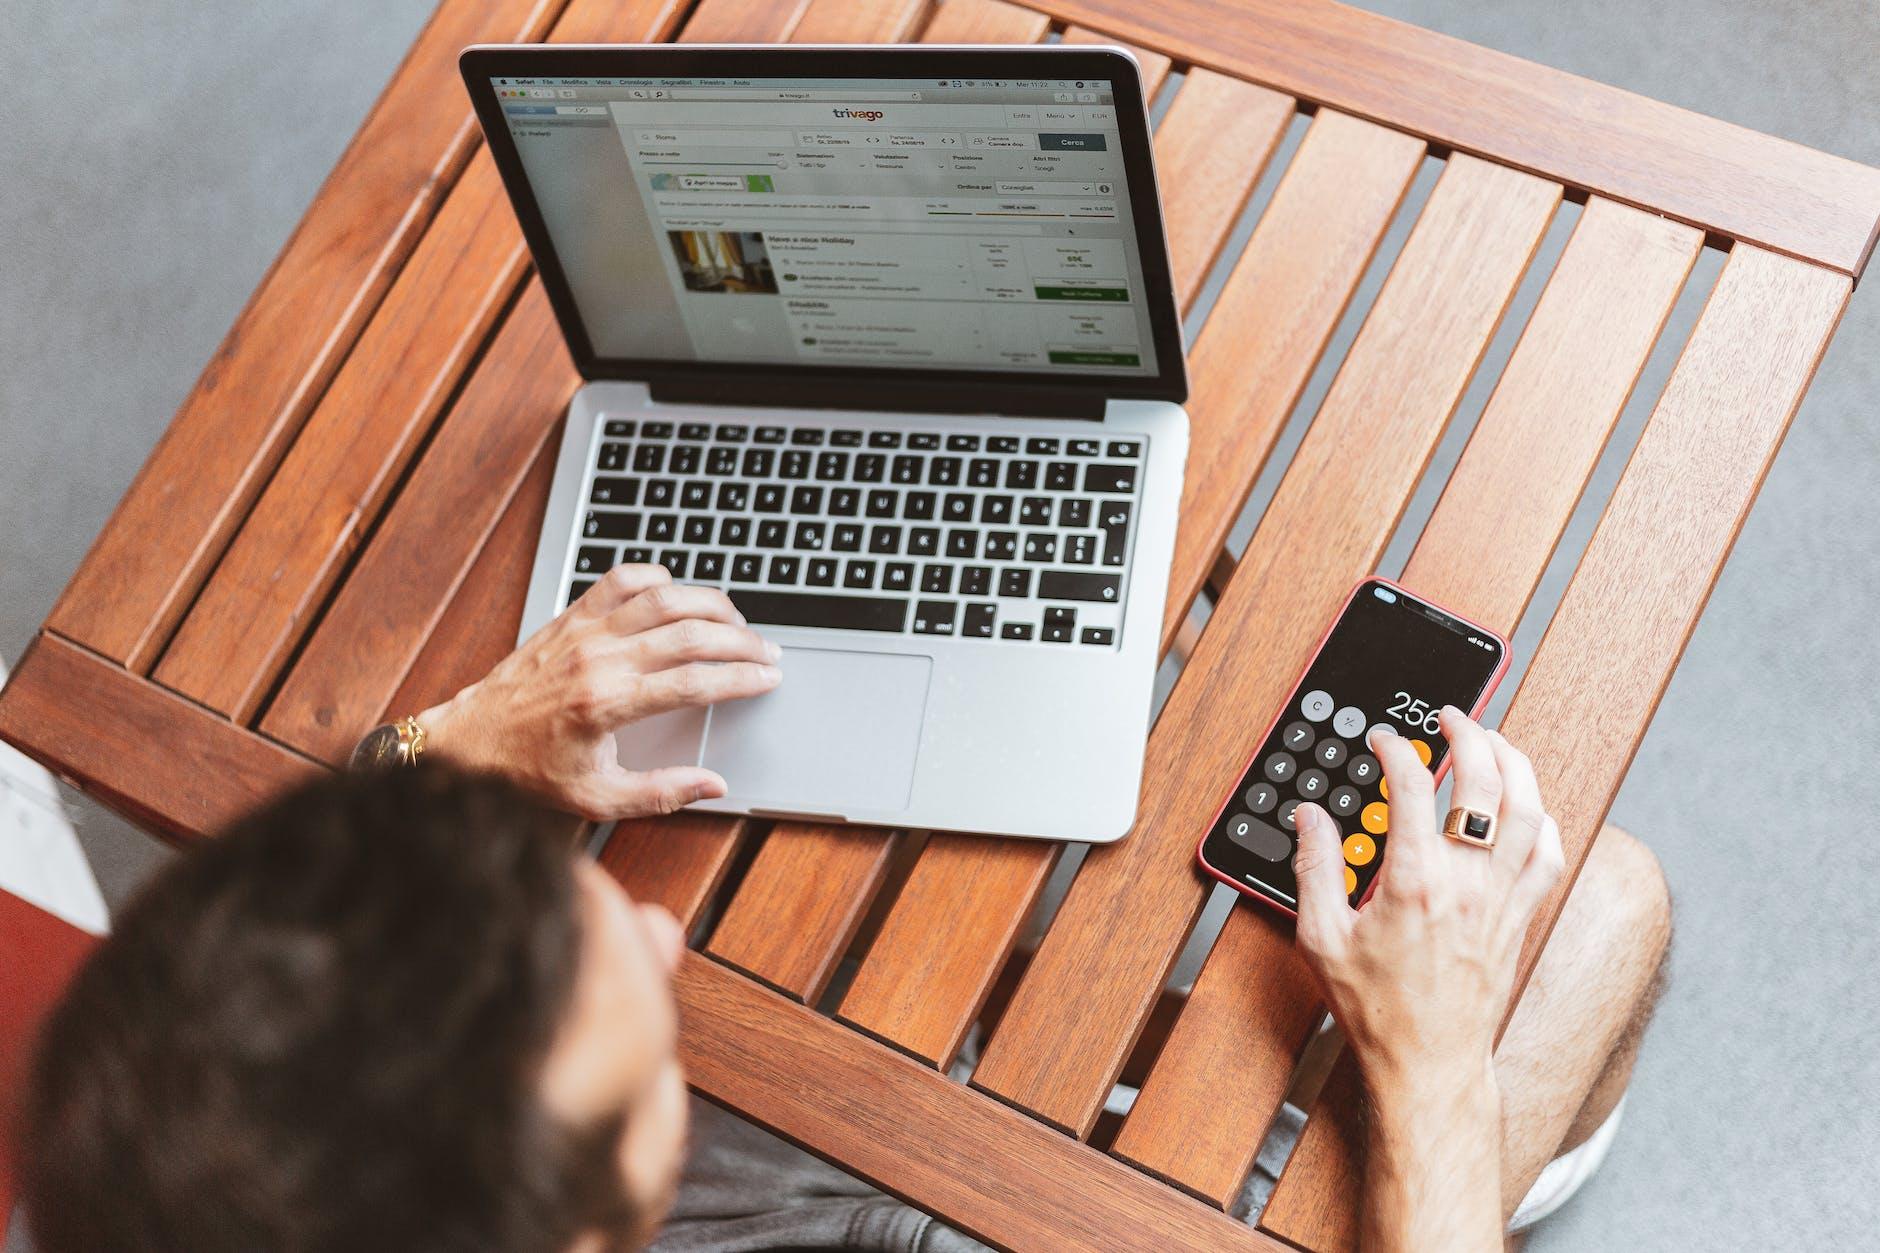 personne qui utilise la calculatrice de son téléphone tout en surfant sur internet